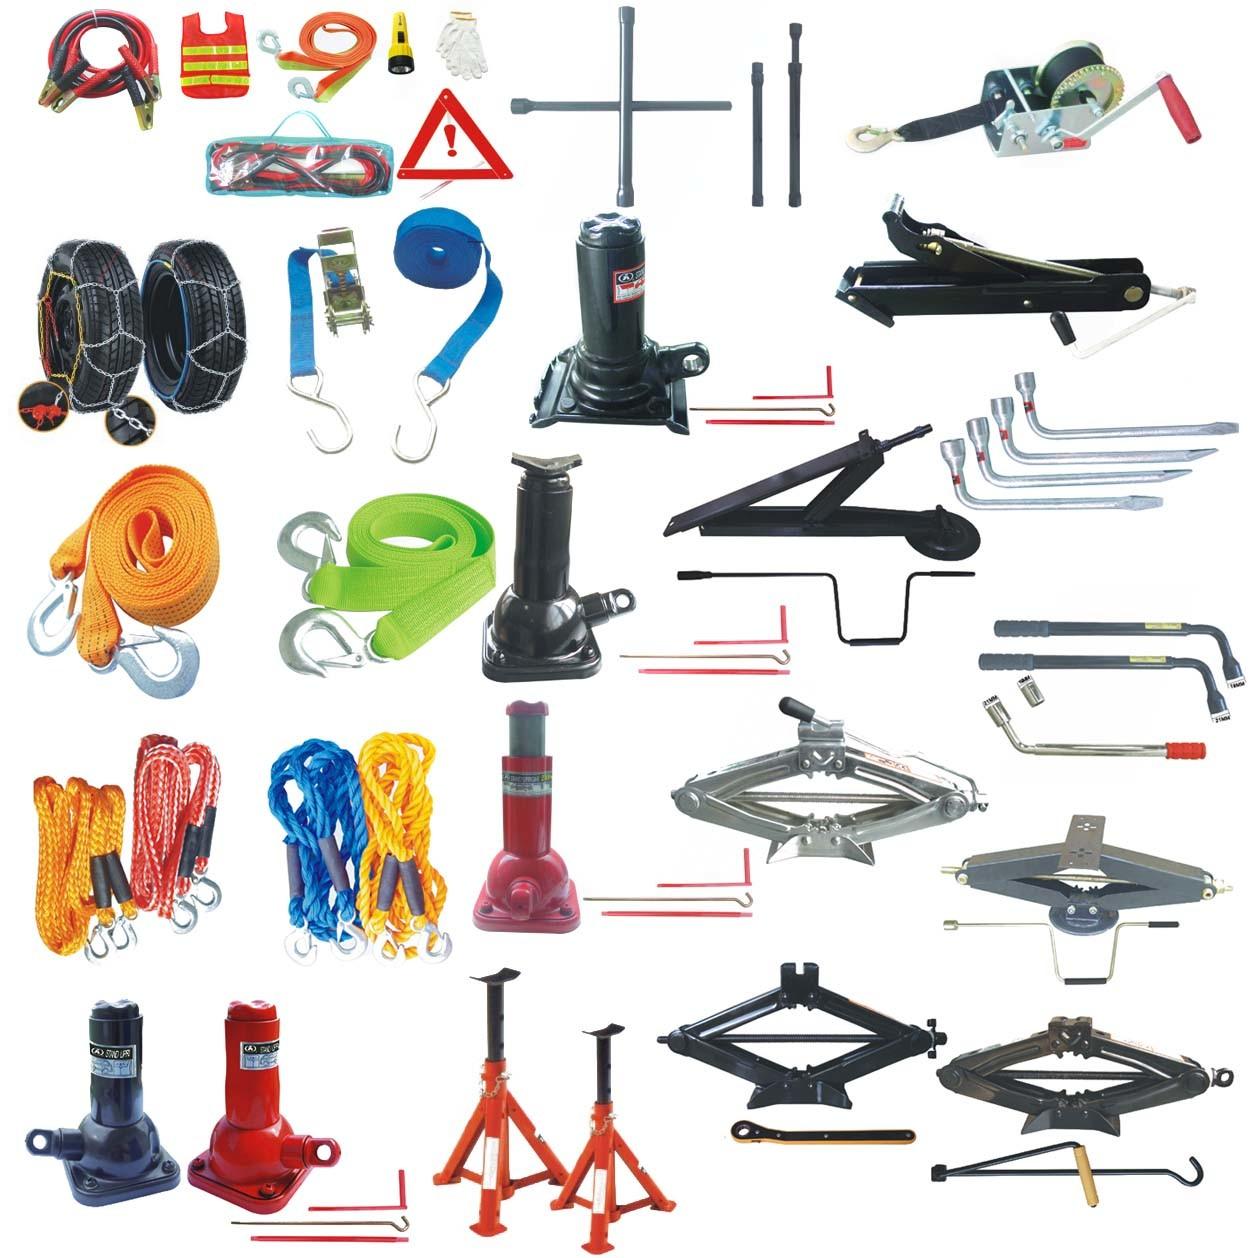 China Auto Repair Tools Kits